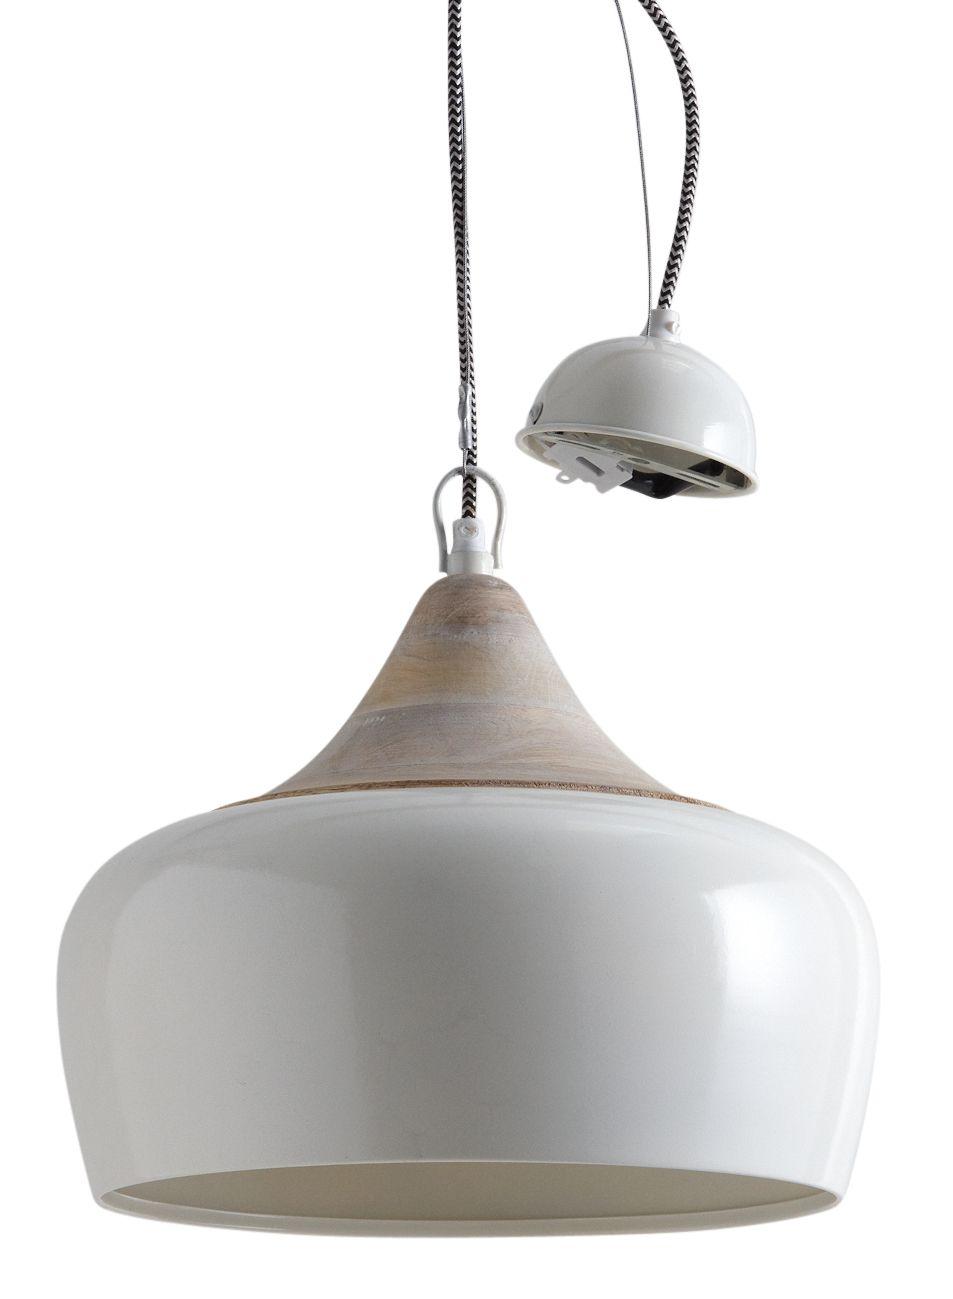 87c7206aa55a44fc2d26e1388012aaf4 Résultat Supérieur 15 Superbe Lampe Suspension Metal Photos 2017 Iqt4